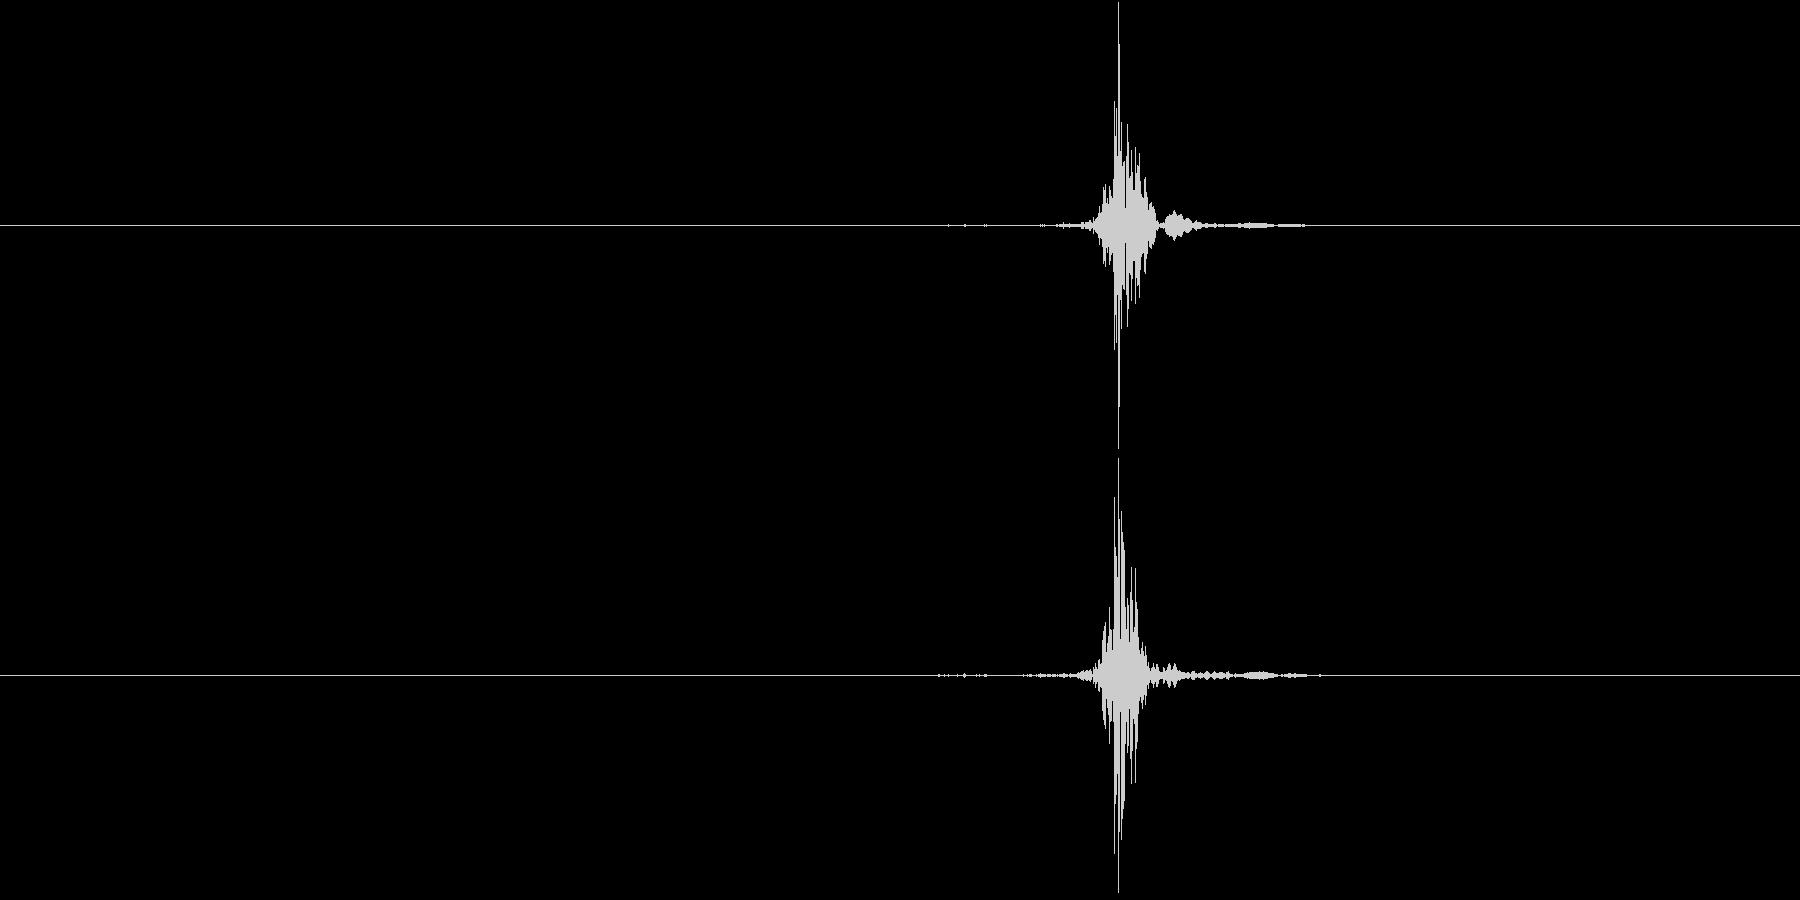 ラージソフトカバーバイブル:ハード...の未再生の波形